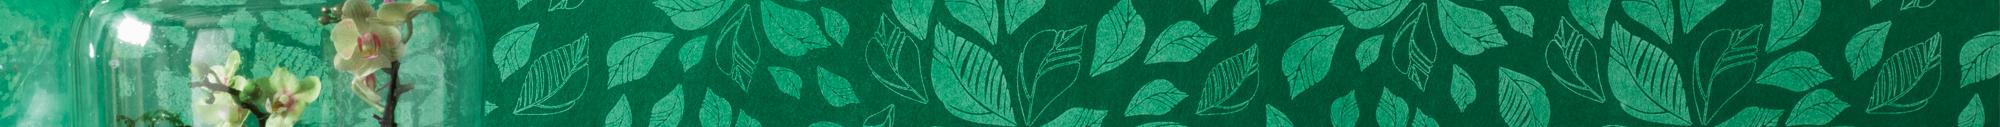 Slider Portrait von Oskar Seus grüne Wand mit Blättermuster